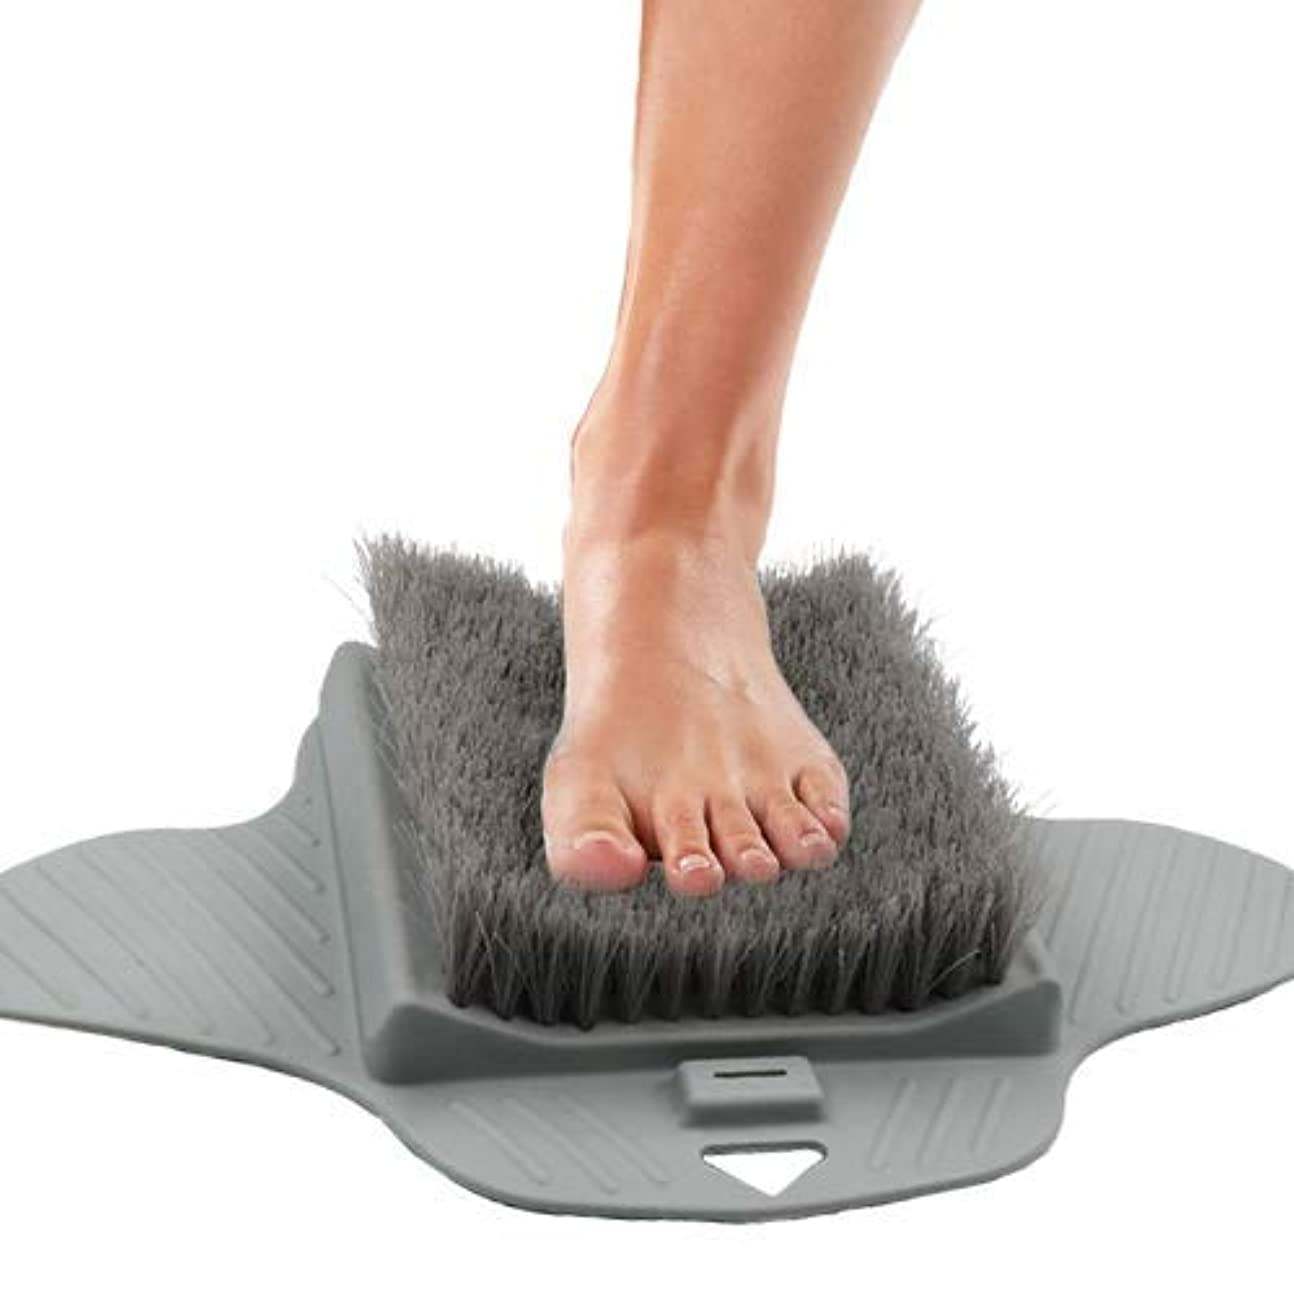 行為じゃがいもエンティティJhua 足の裏とカルスを掃除するためのシャワーフットスクラバーバスタブフロアブラシ-滑り止め吸引カップ、指圧マッサージマットフットクリーナー